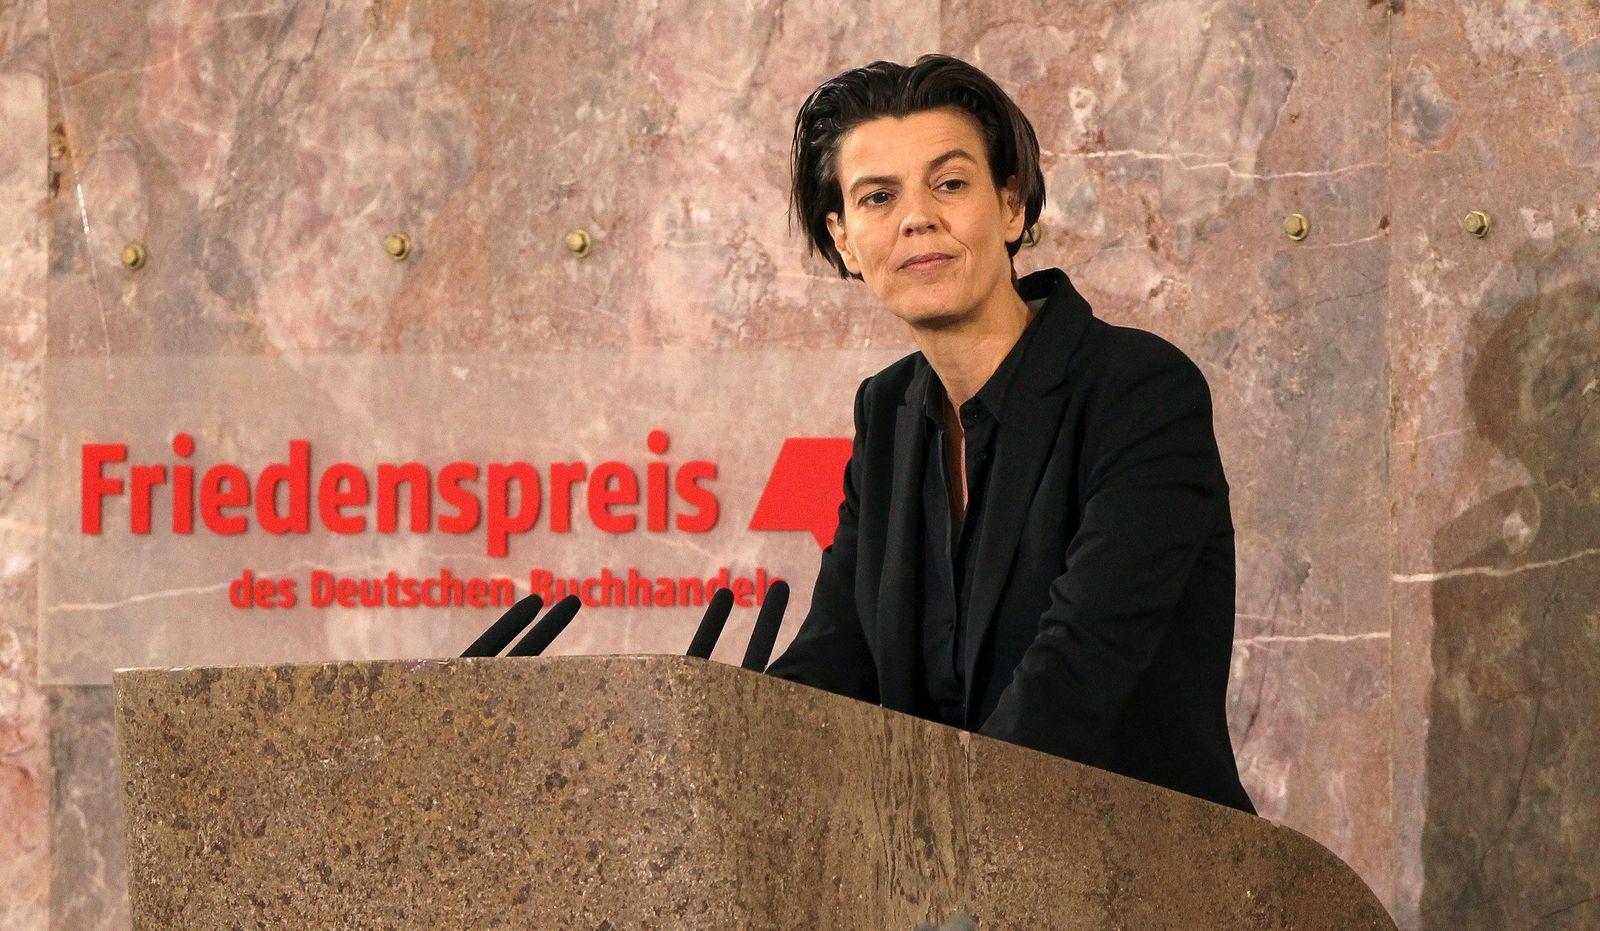 Carolin Emcke / Friedenspreis